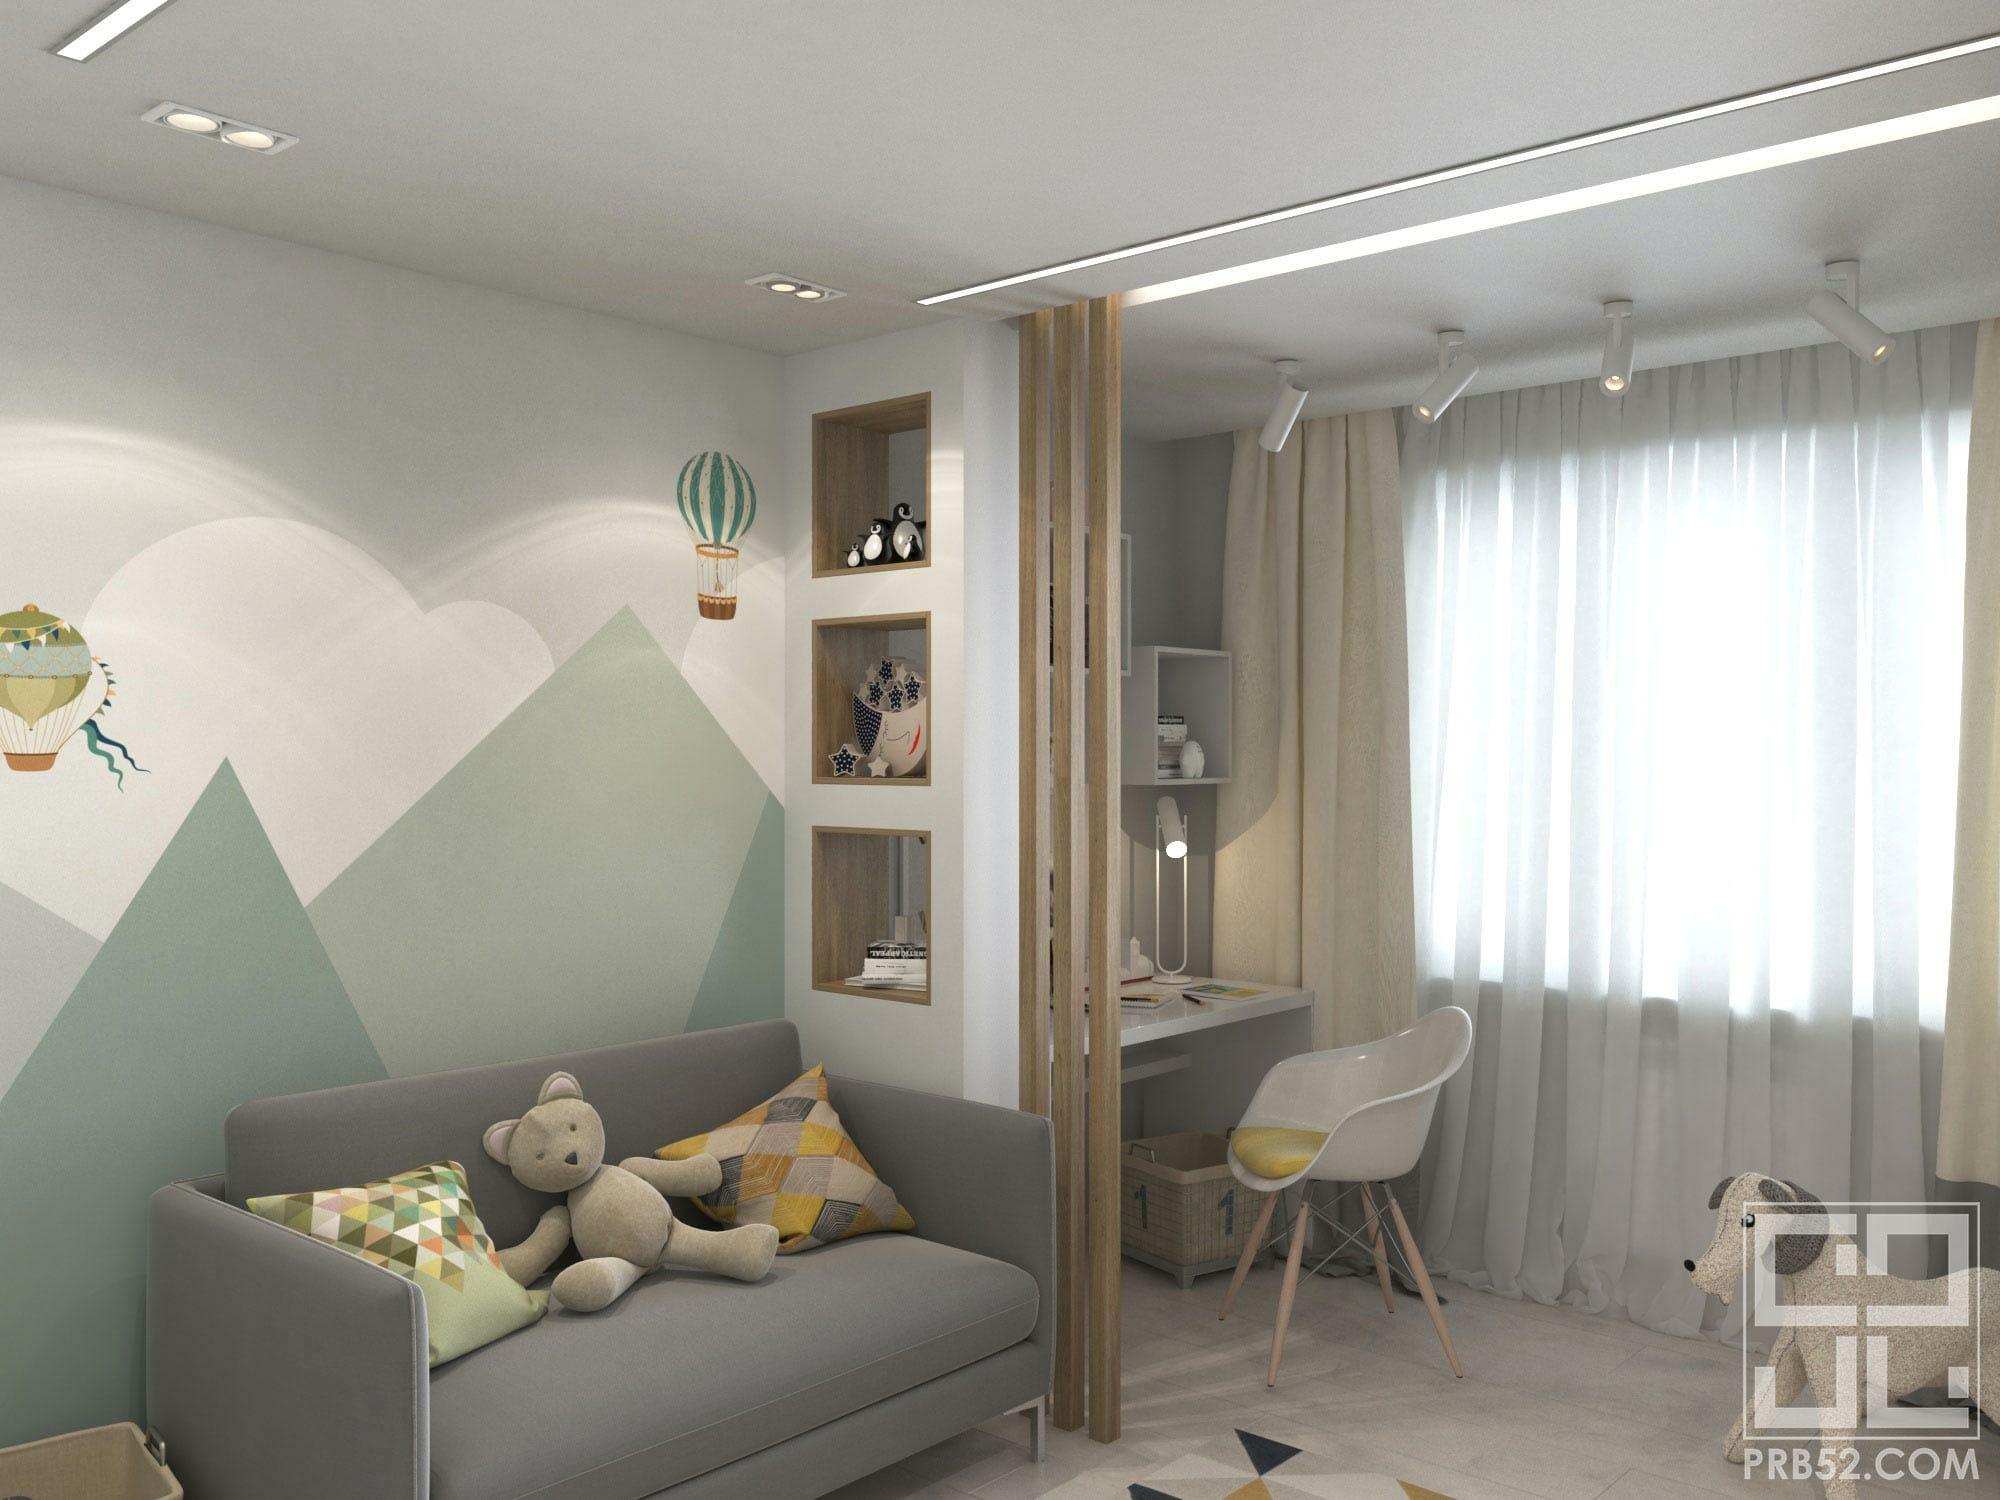 дизайн интерьера детской комнаты с горами